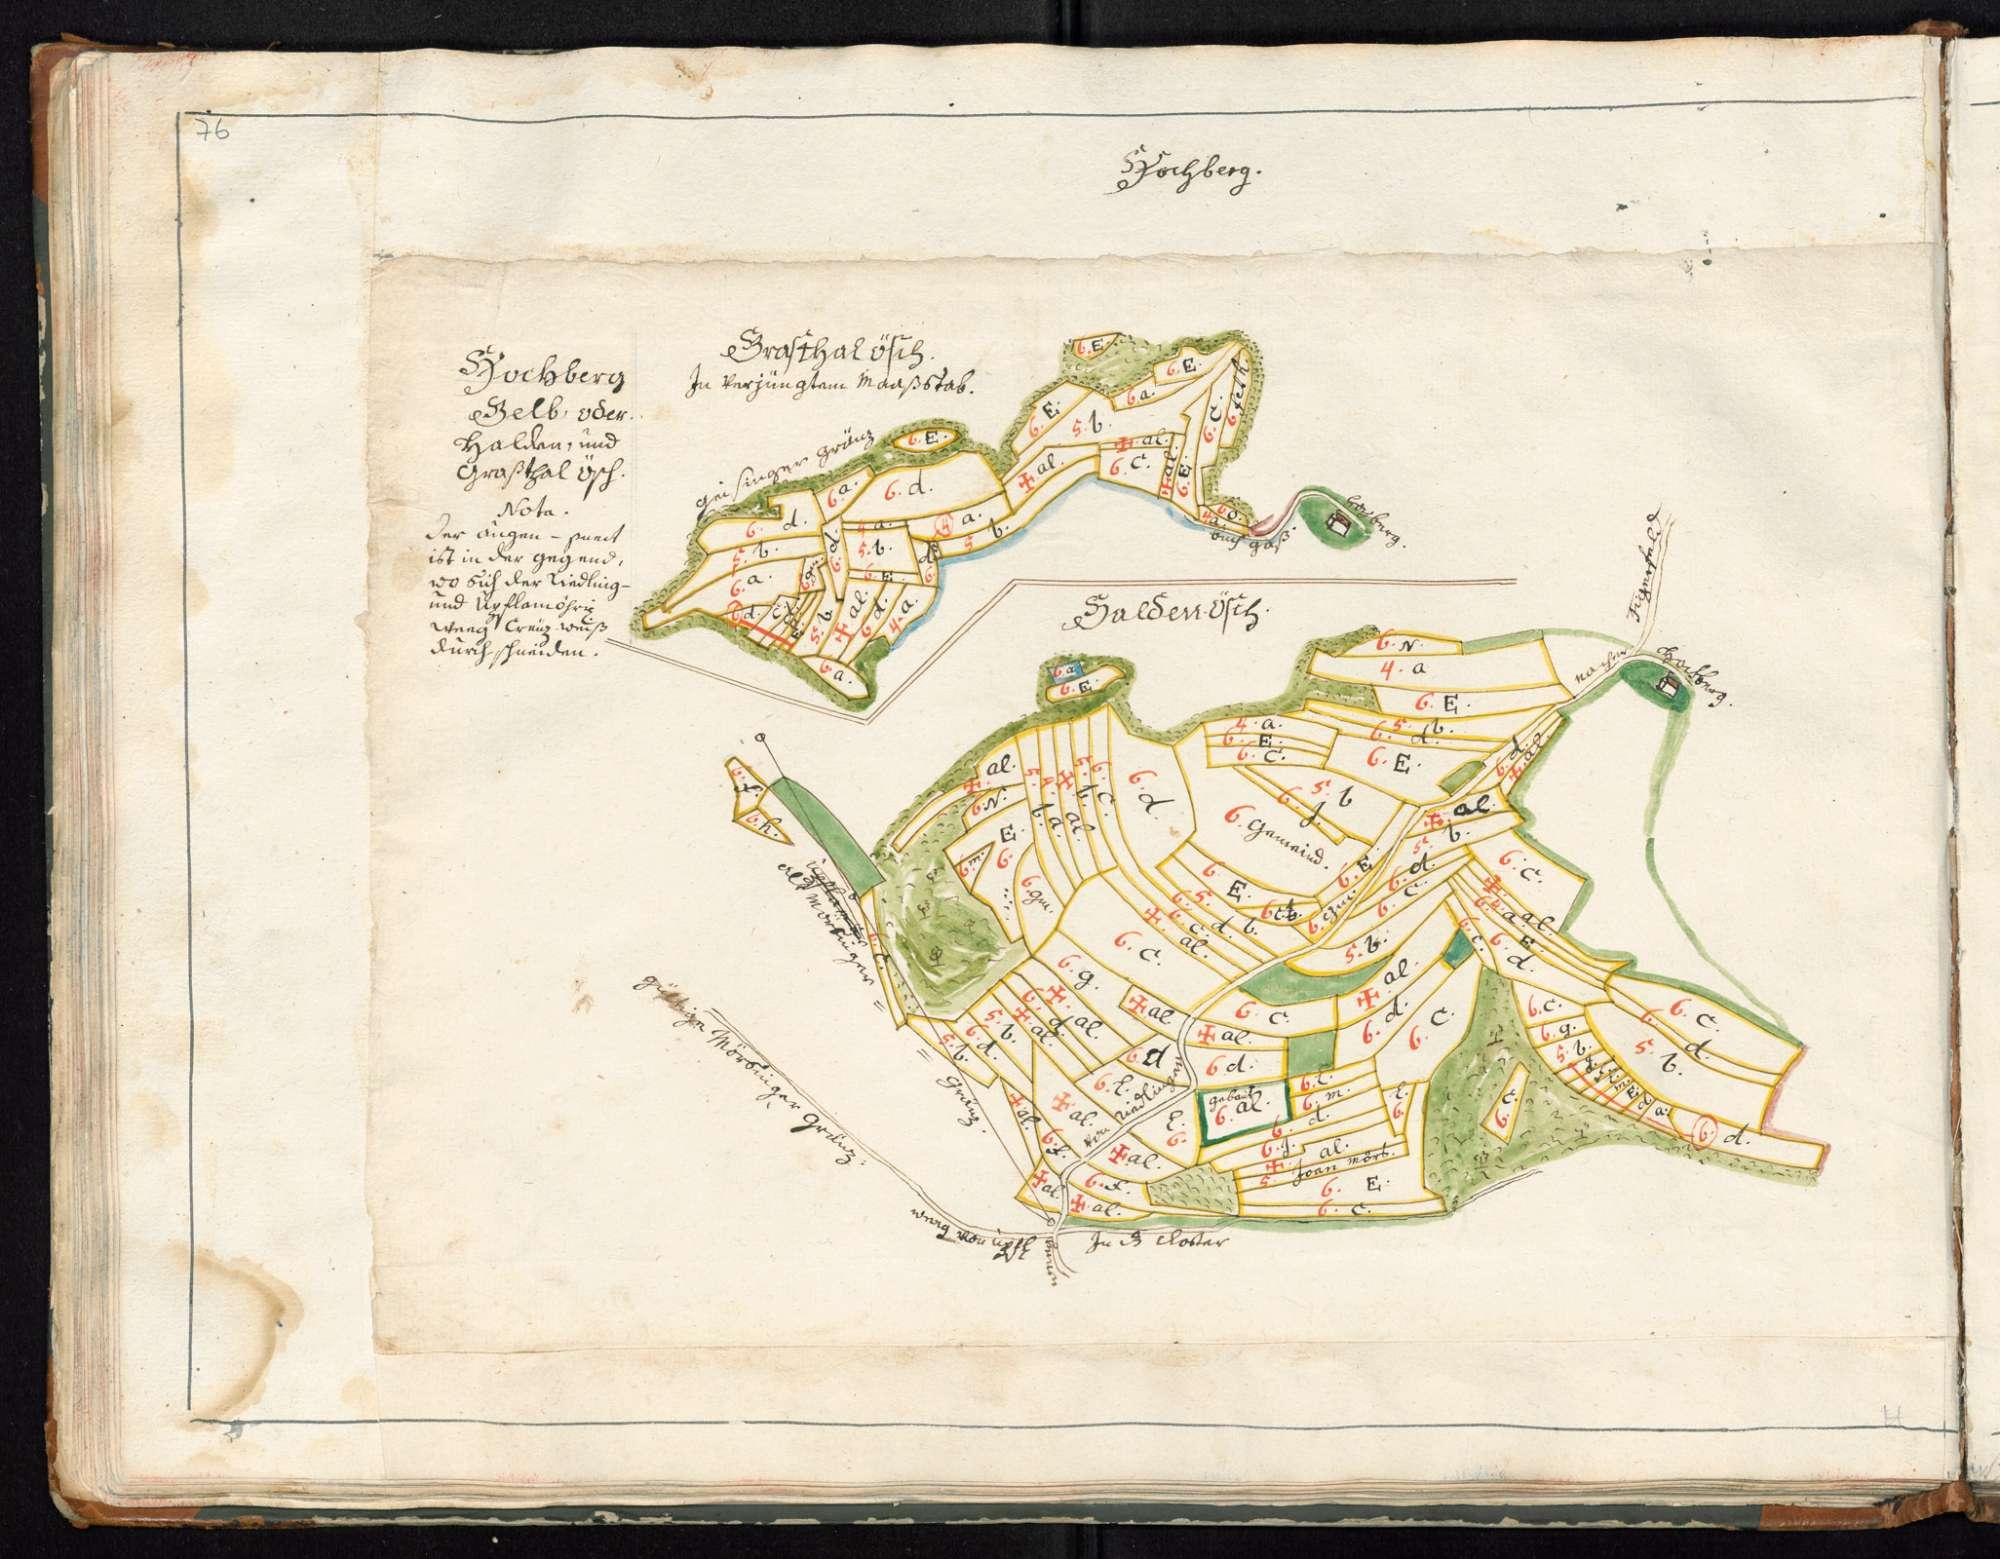 Zwiefalten, Orte des Klosterterritoriums, Hochberg, Bild 3